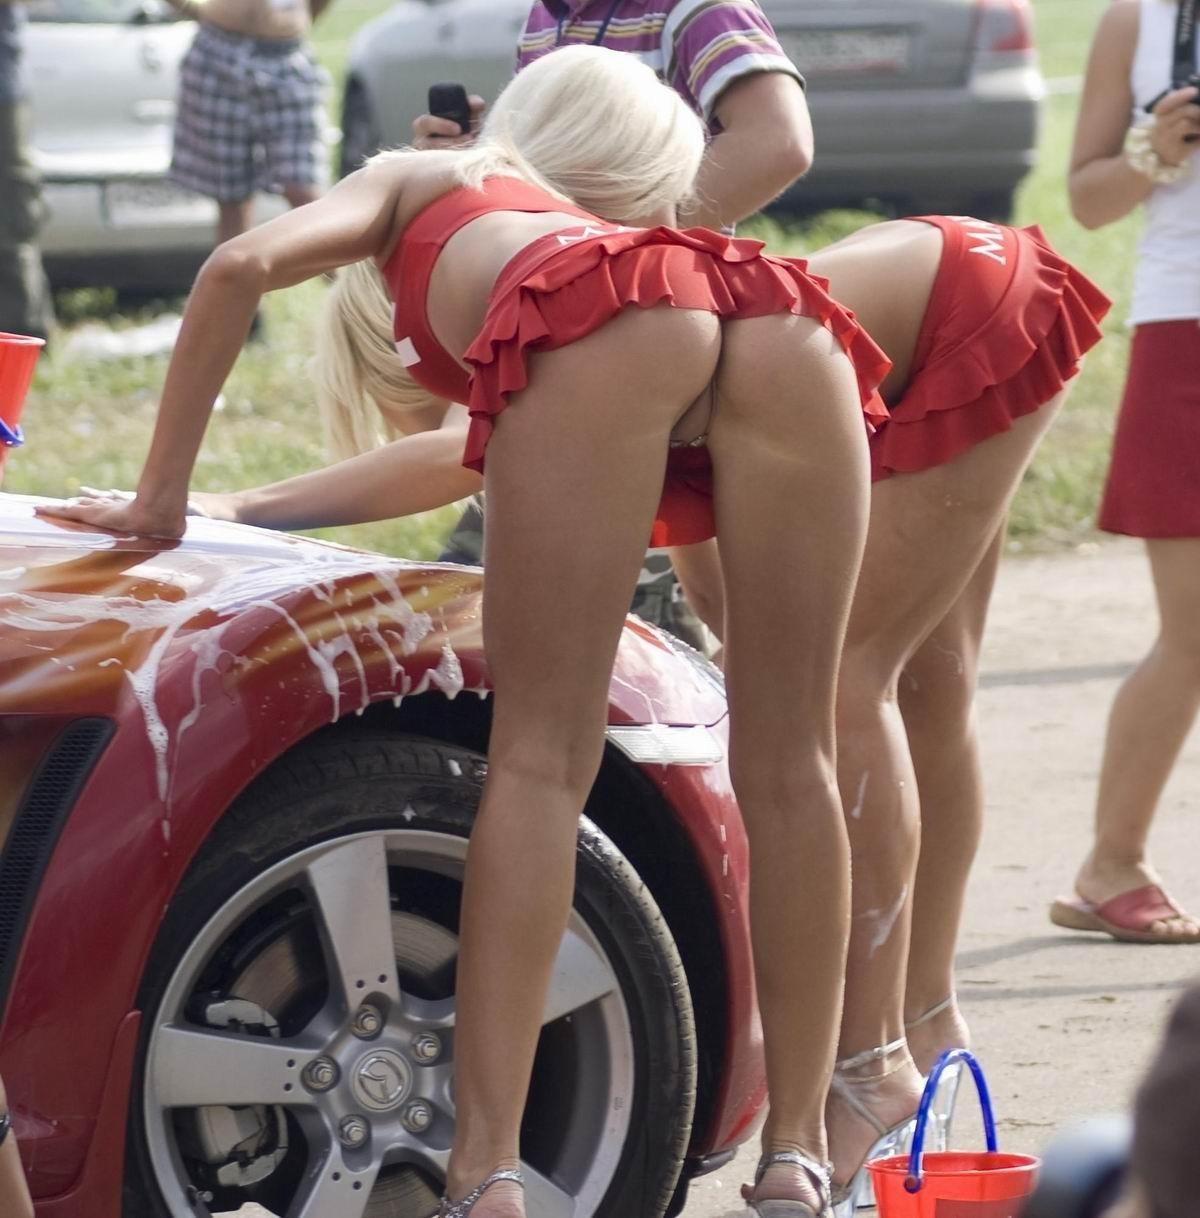 car panties Girl upskirt no